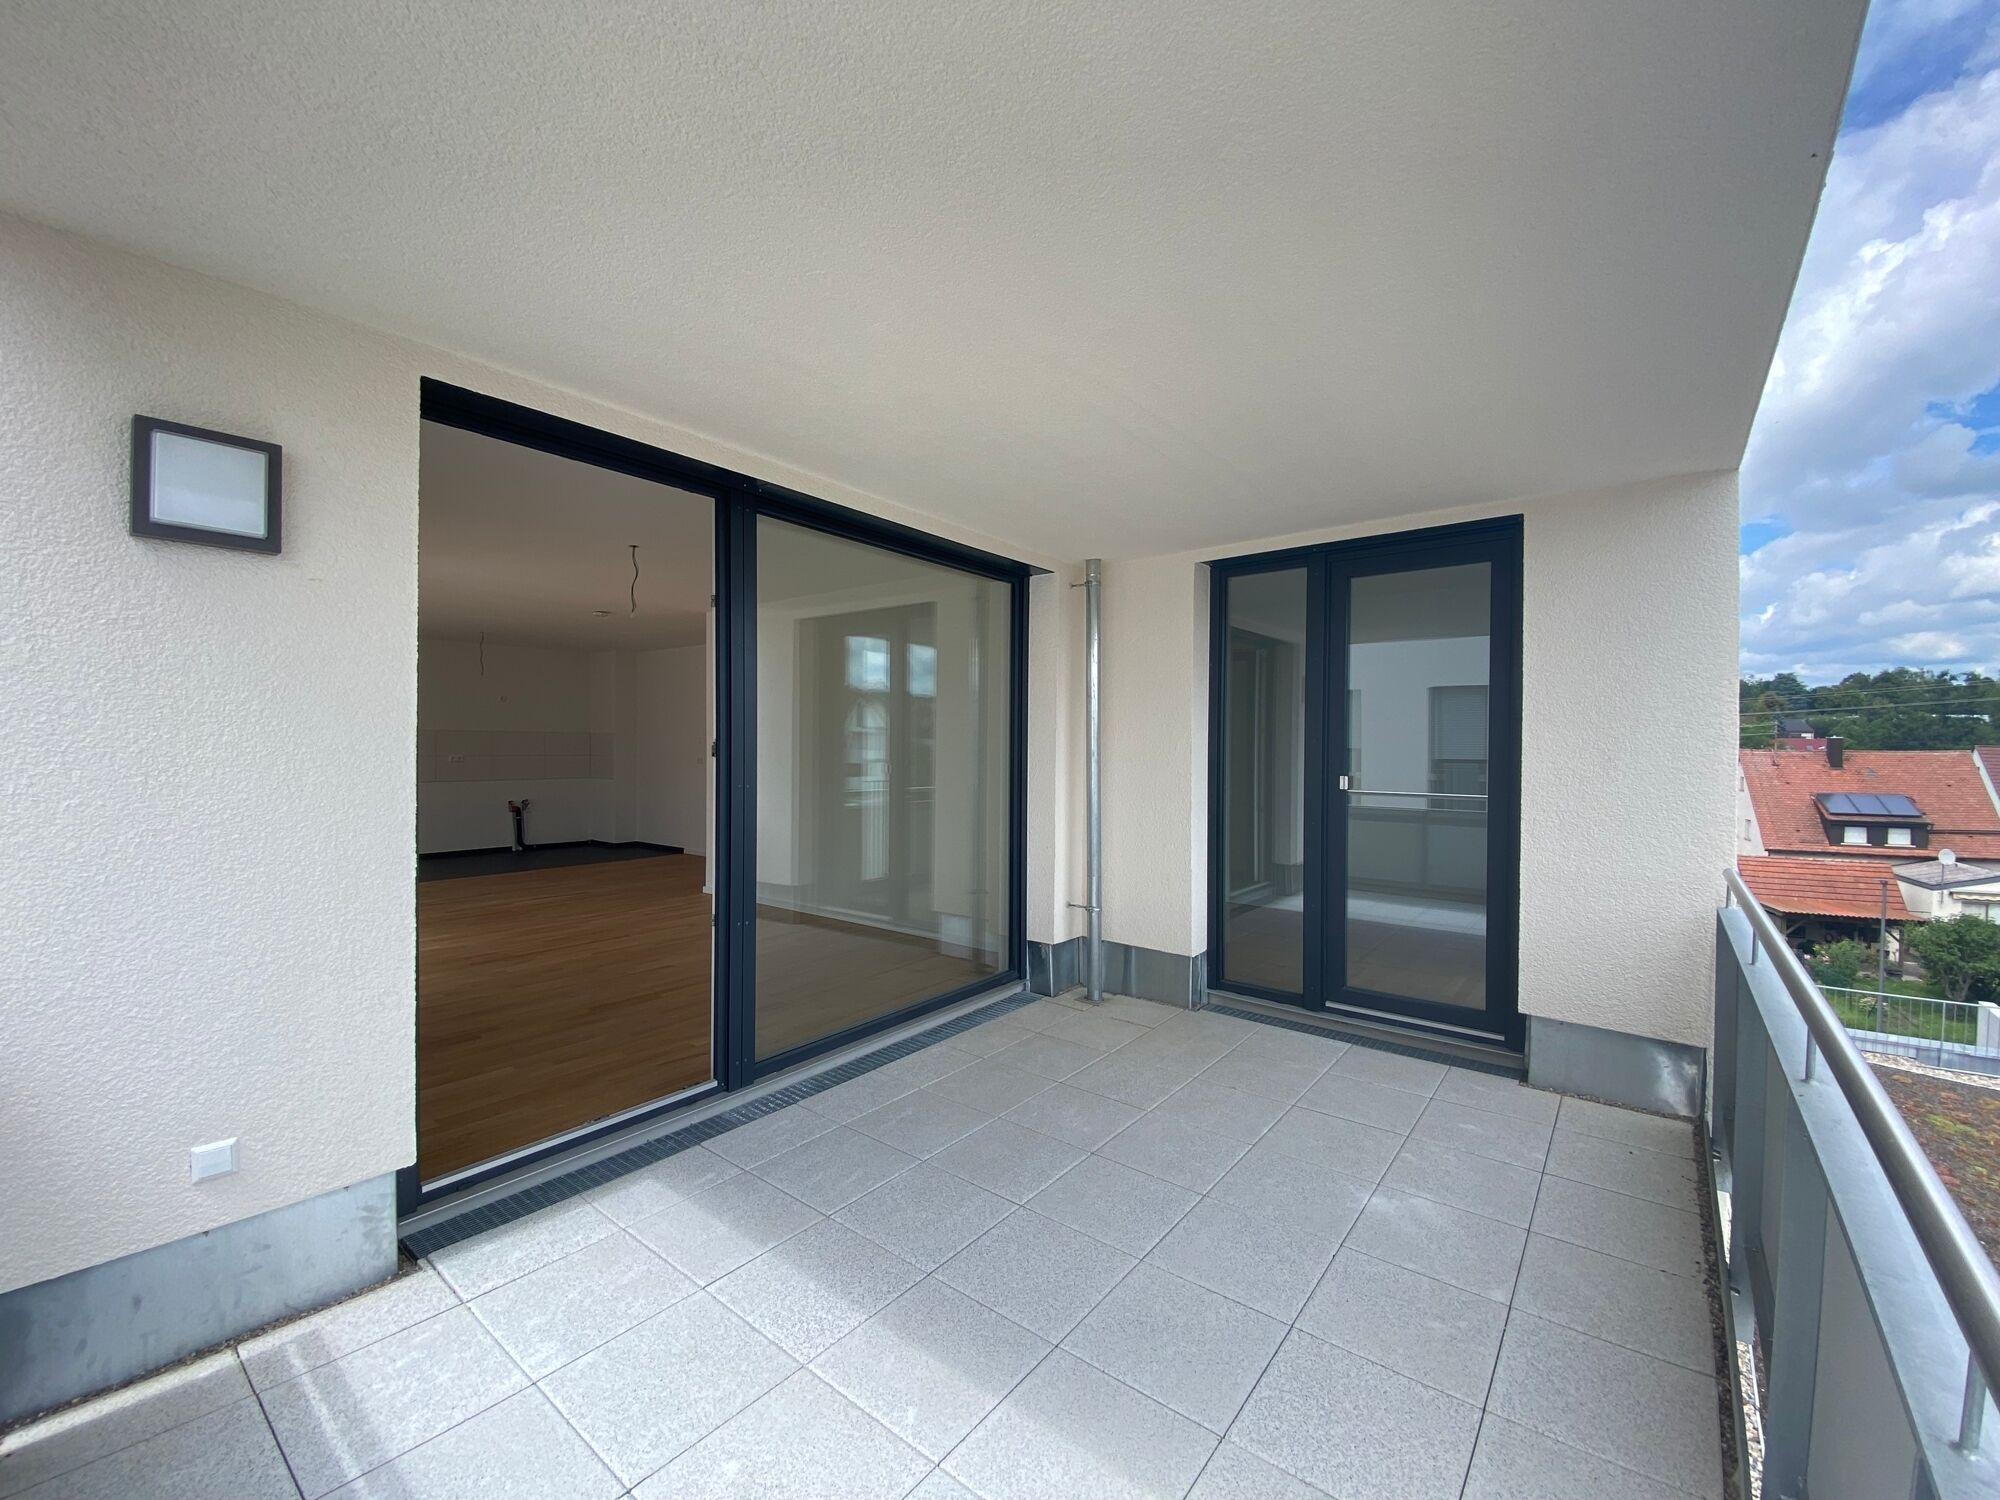 Loggia - überdachter Balkon